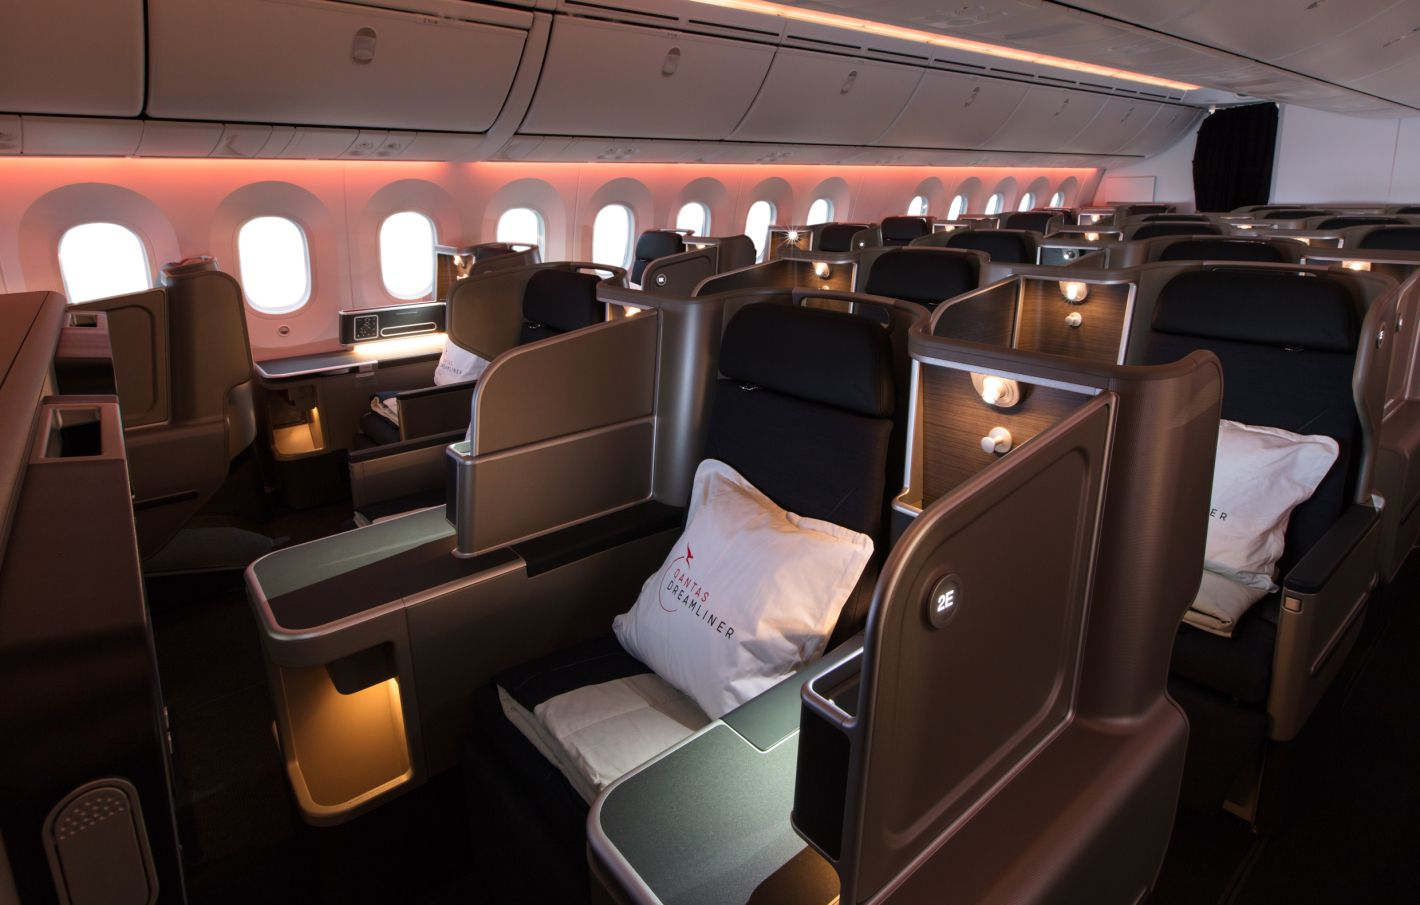 Qantas 171013 2060 Business Class Business Class Flight Business Class Seats